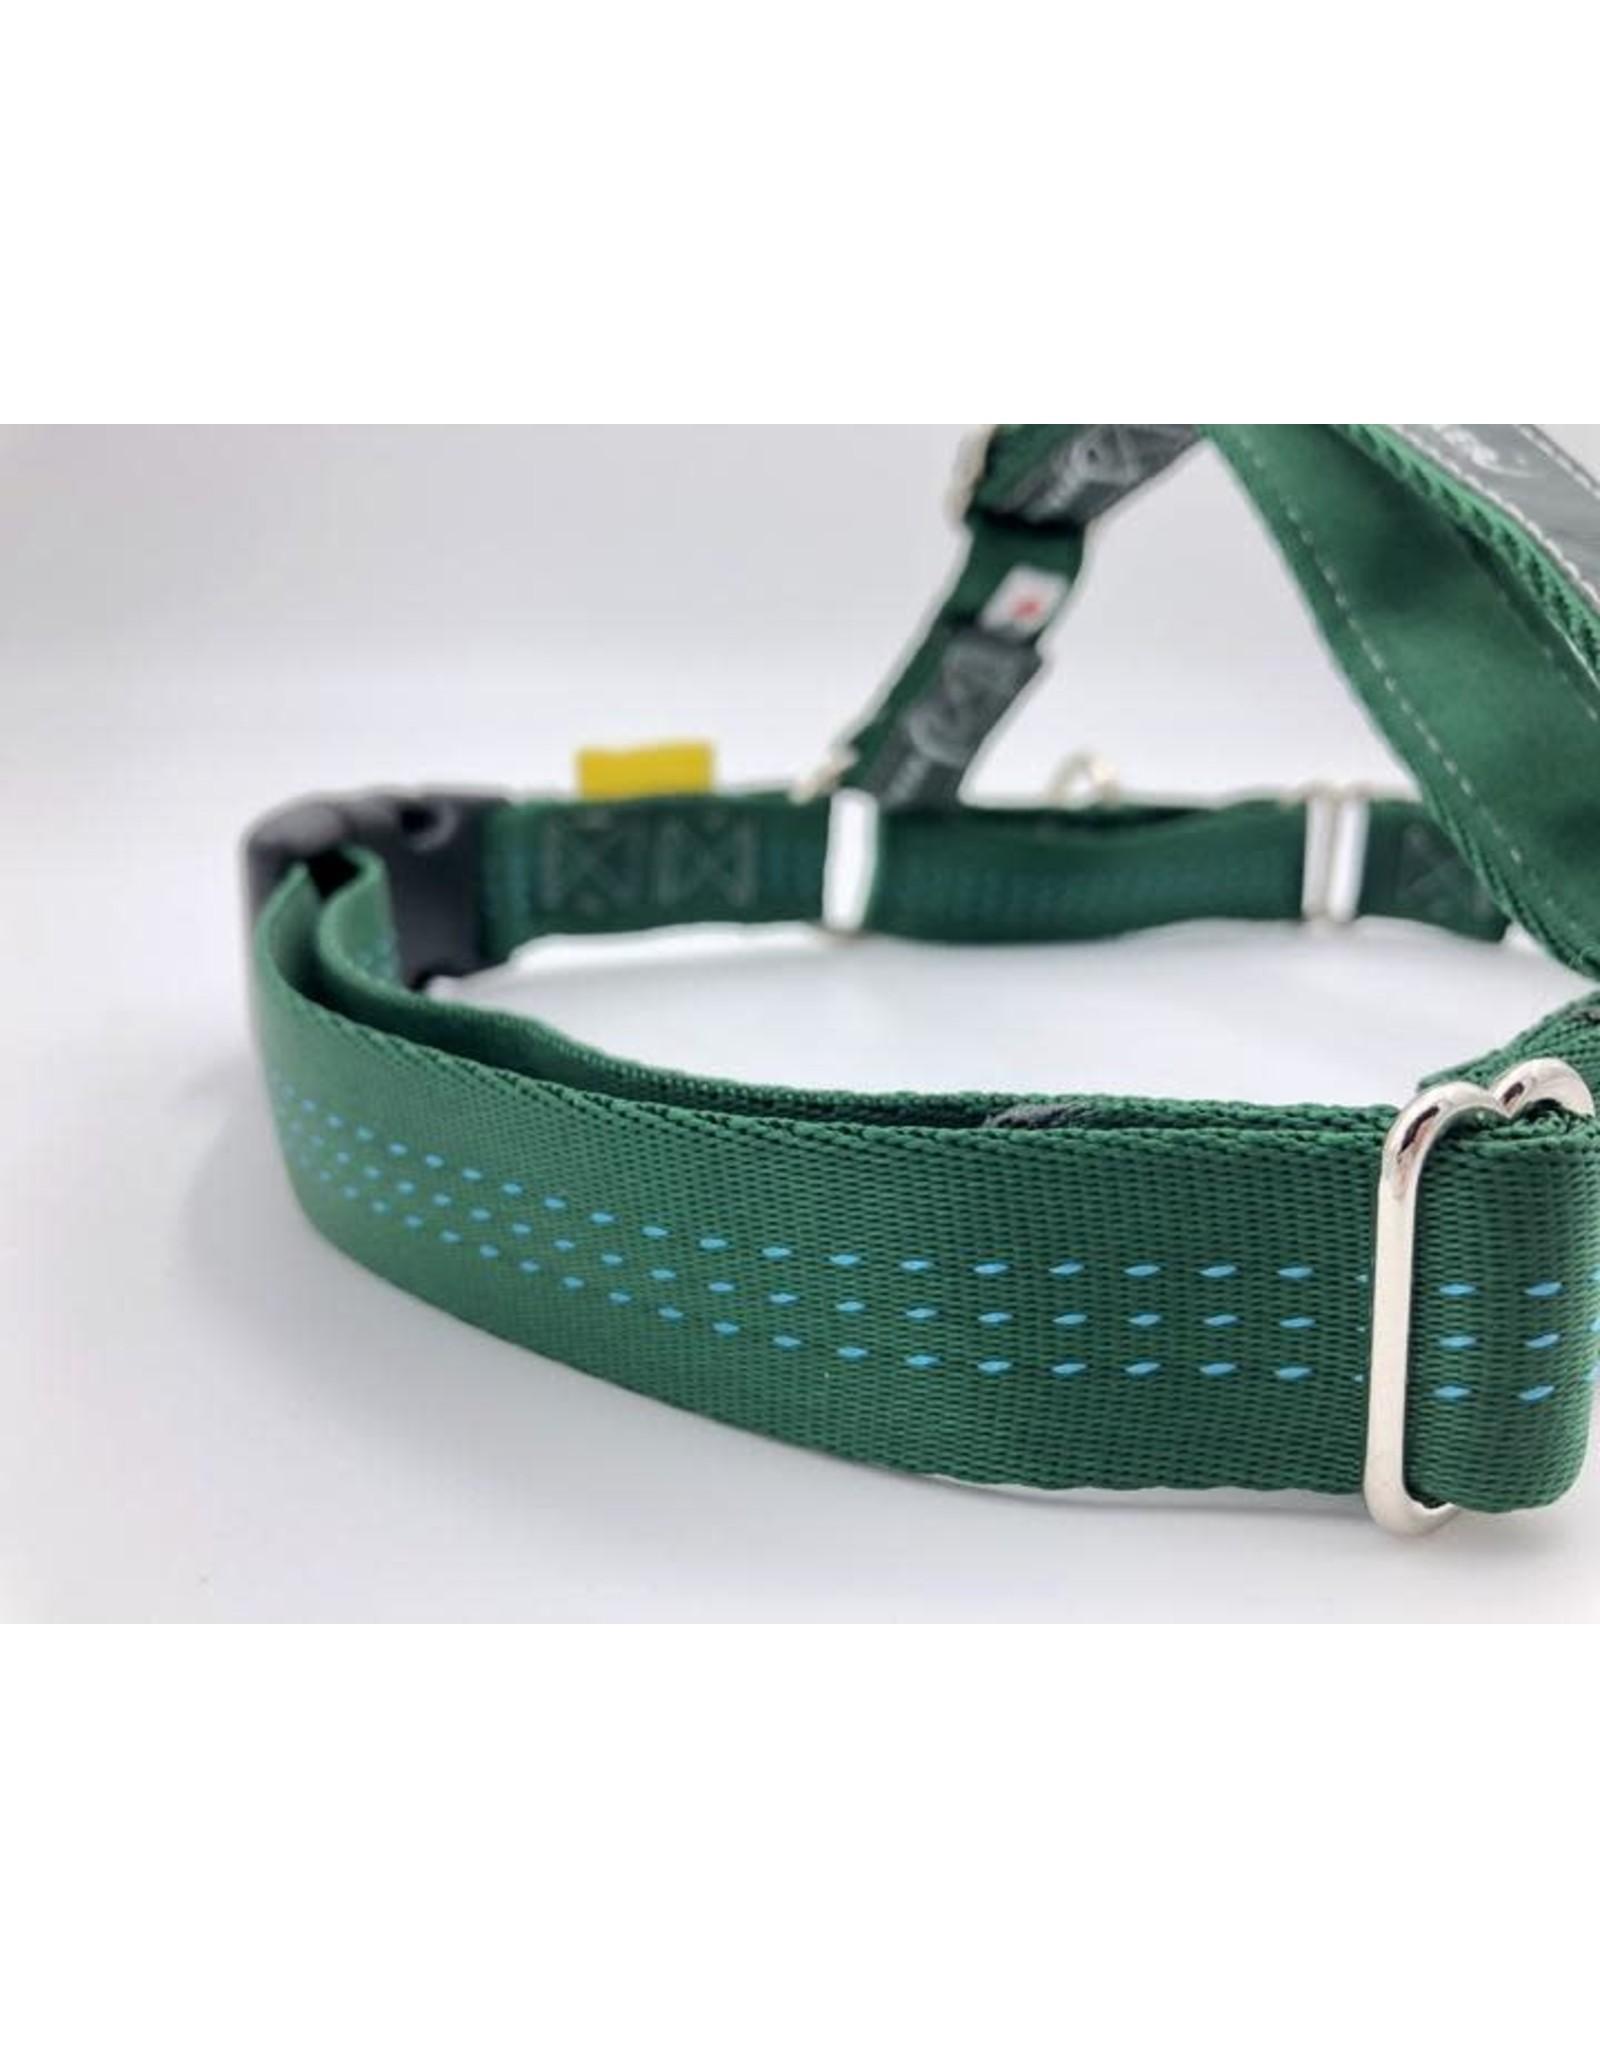 JWalker JWalker Harness - Green - XS